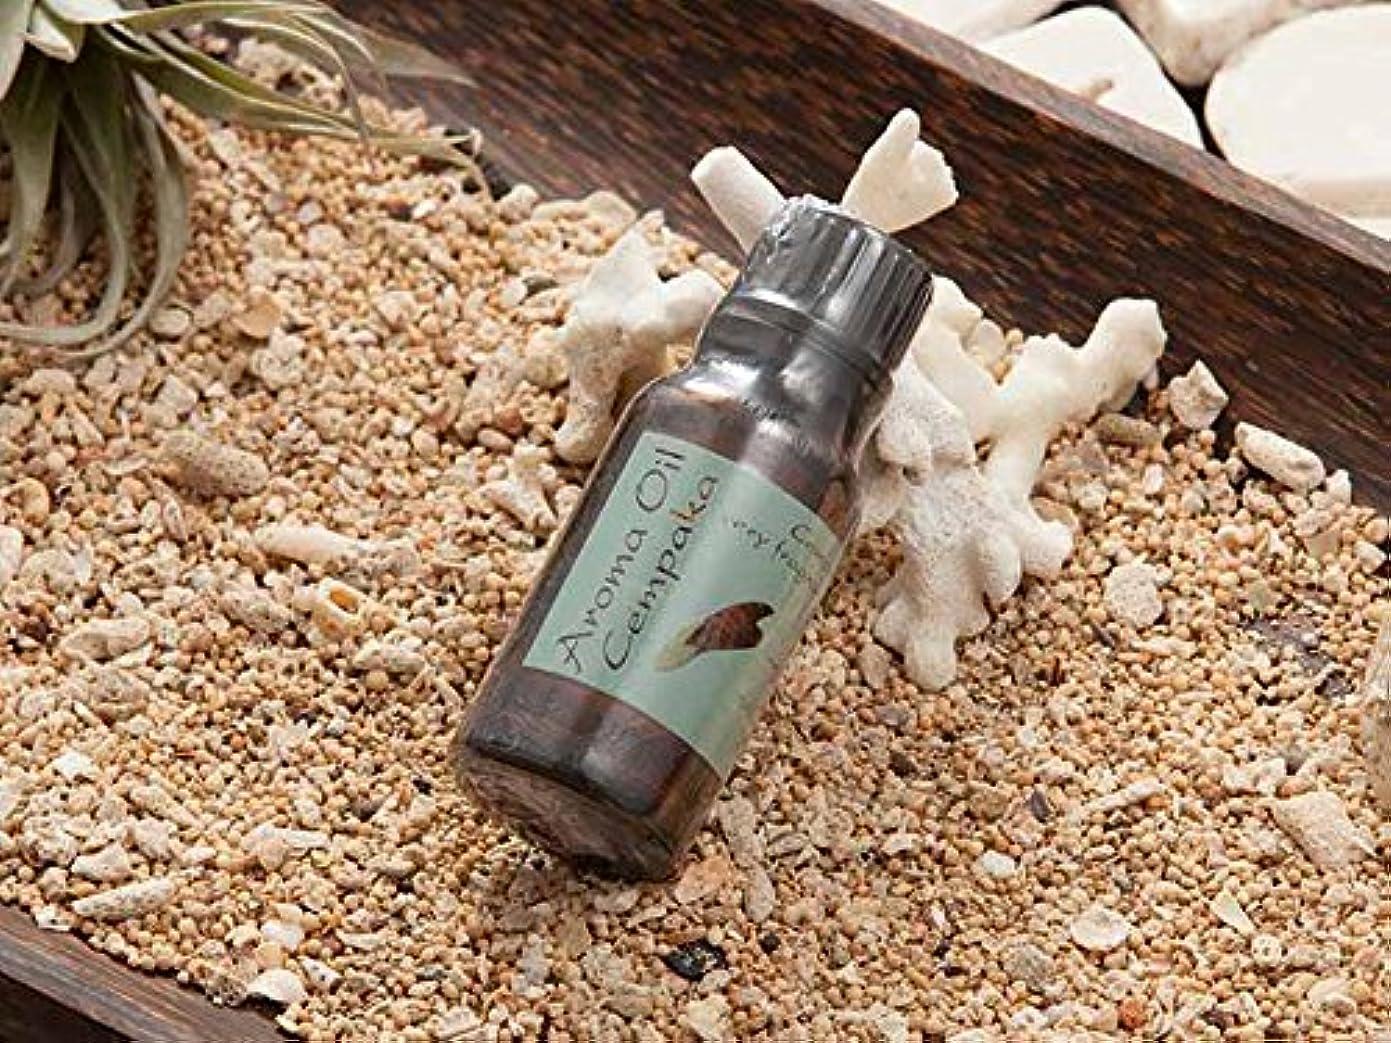 トレイ現代の免除する寛ぎのひと時にアジアンな癒しの香りを アロマフレグランスオイル 5種の香り (アラムセンポールALAM ZEMPOL) (Cempaka チャンパカ)